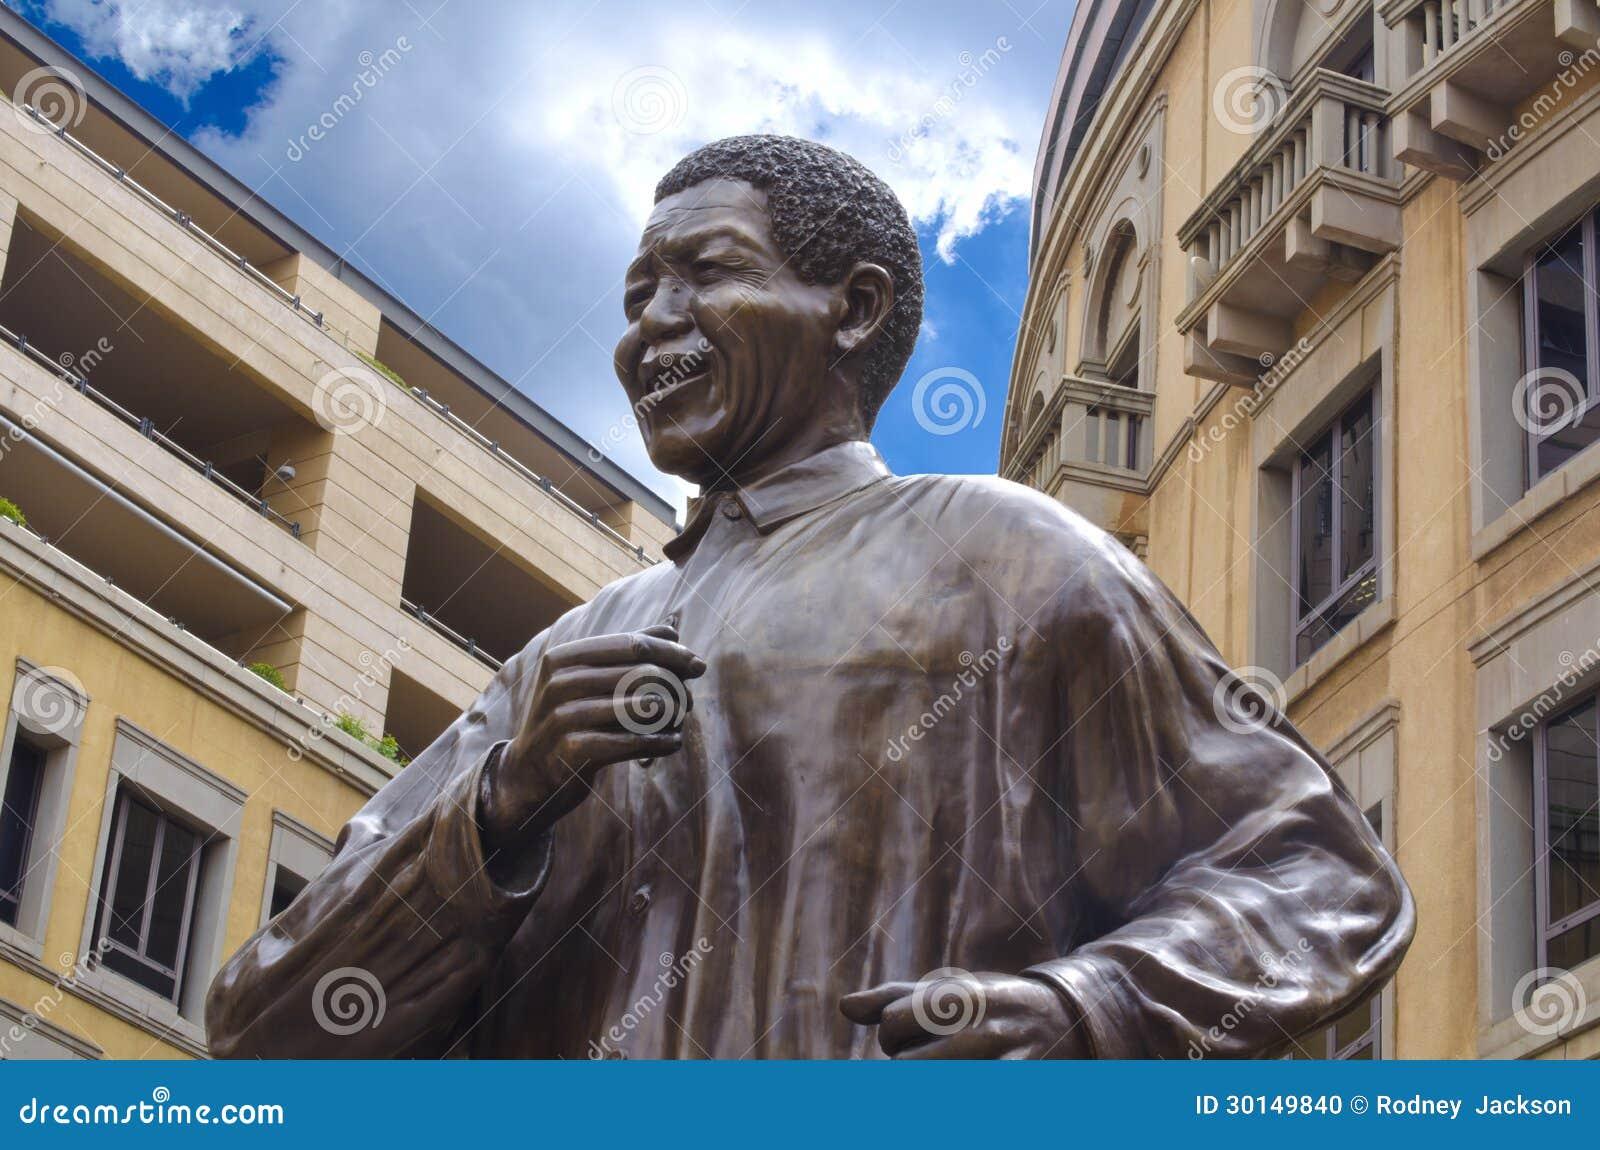 Nelson Mandela Statue in Johannesburg